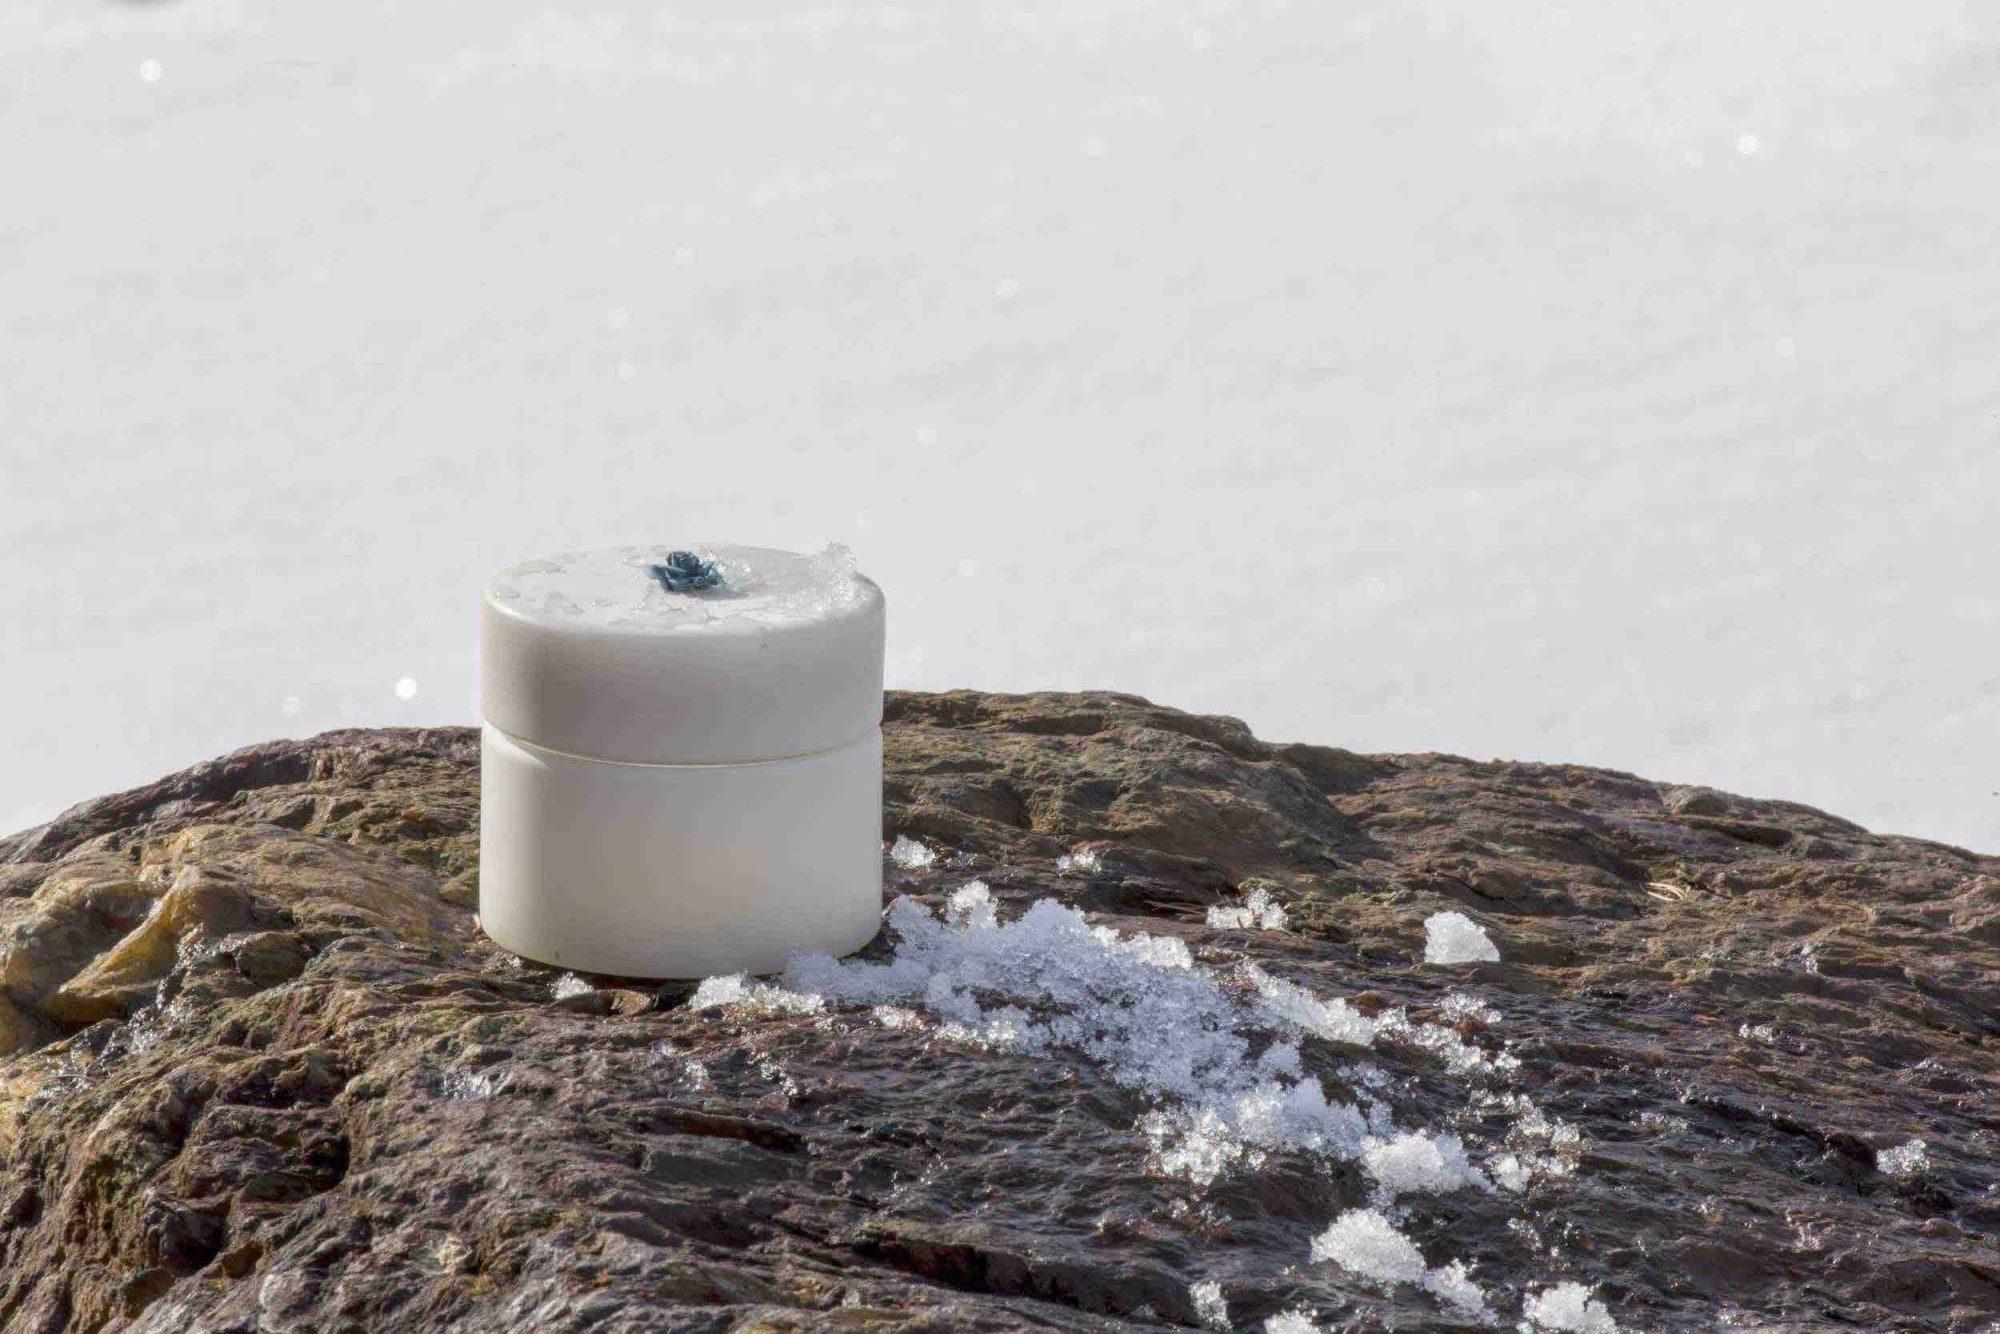 Remuage Fragranze è una nuova linea di prodotti di bellezza unisex ideata e creati da Alice Miglio, ideale per la beauty routine